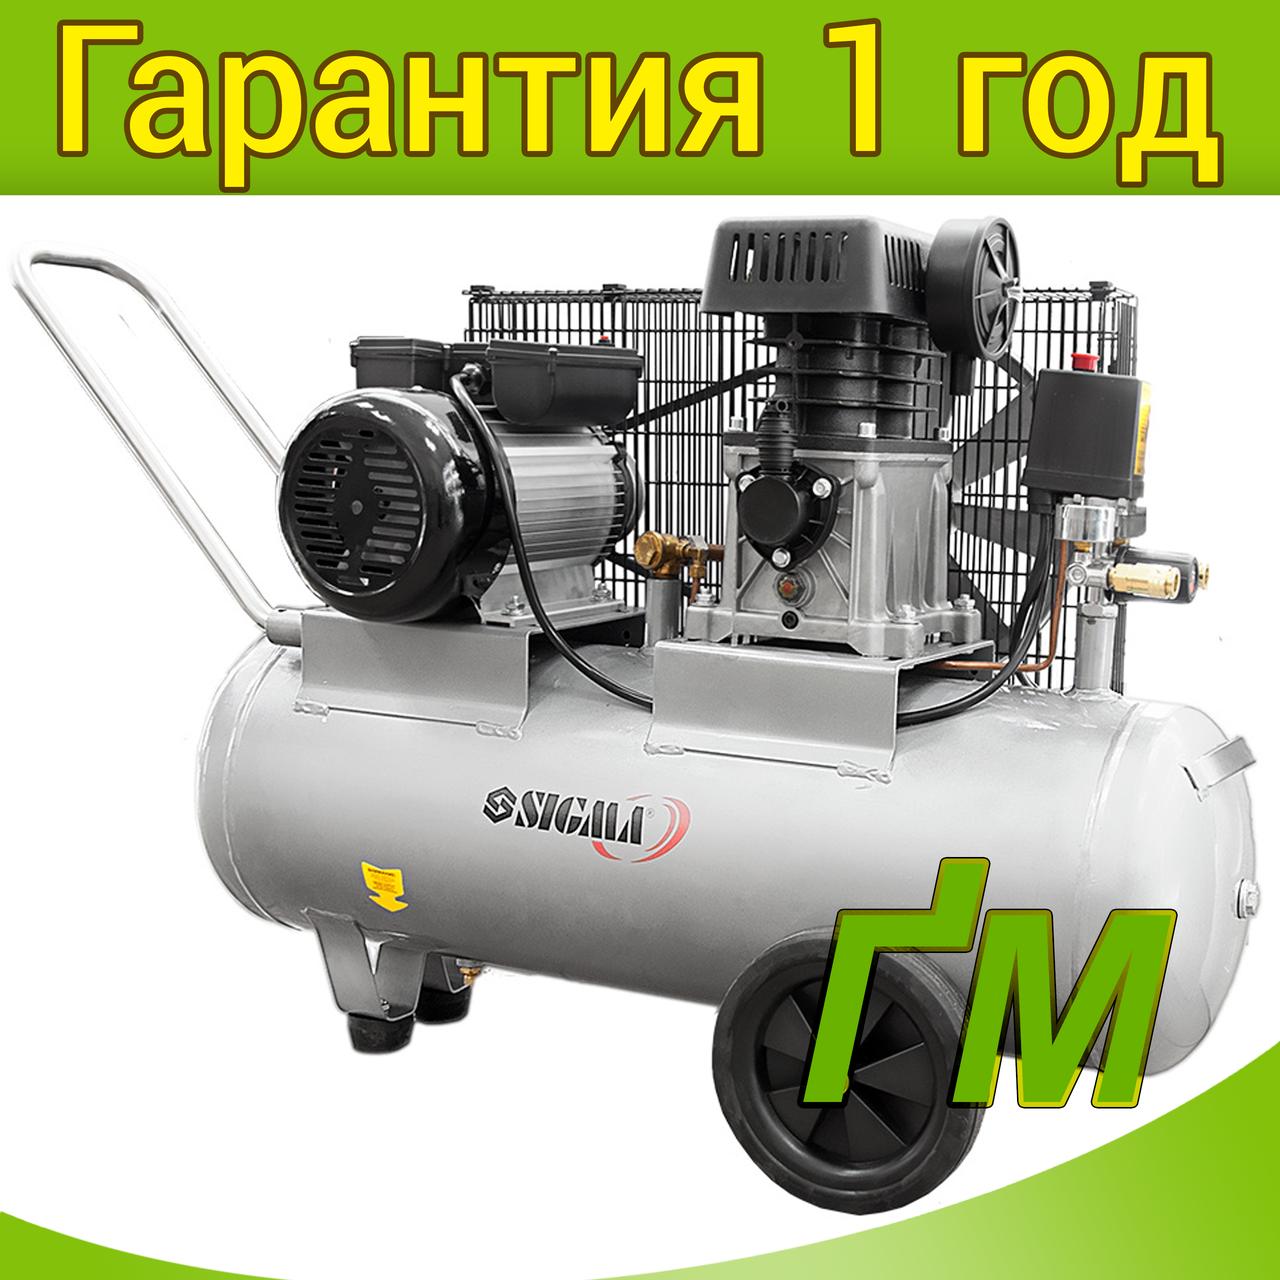 Компрессор двухцилиндровый ременной 2.5 кВт, 335 л/мин, 10 бар, 50 л SIGMA (2 крана)